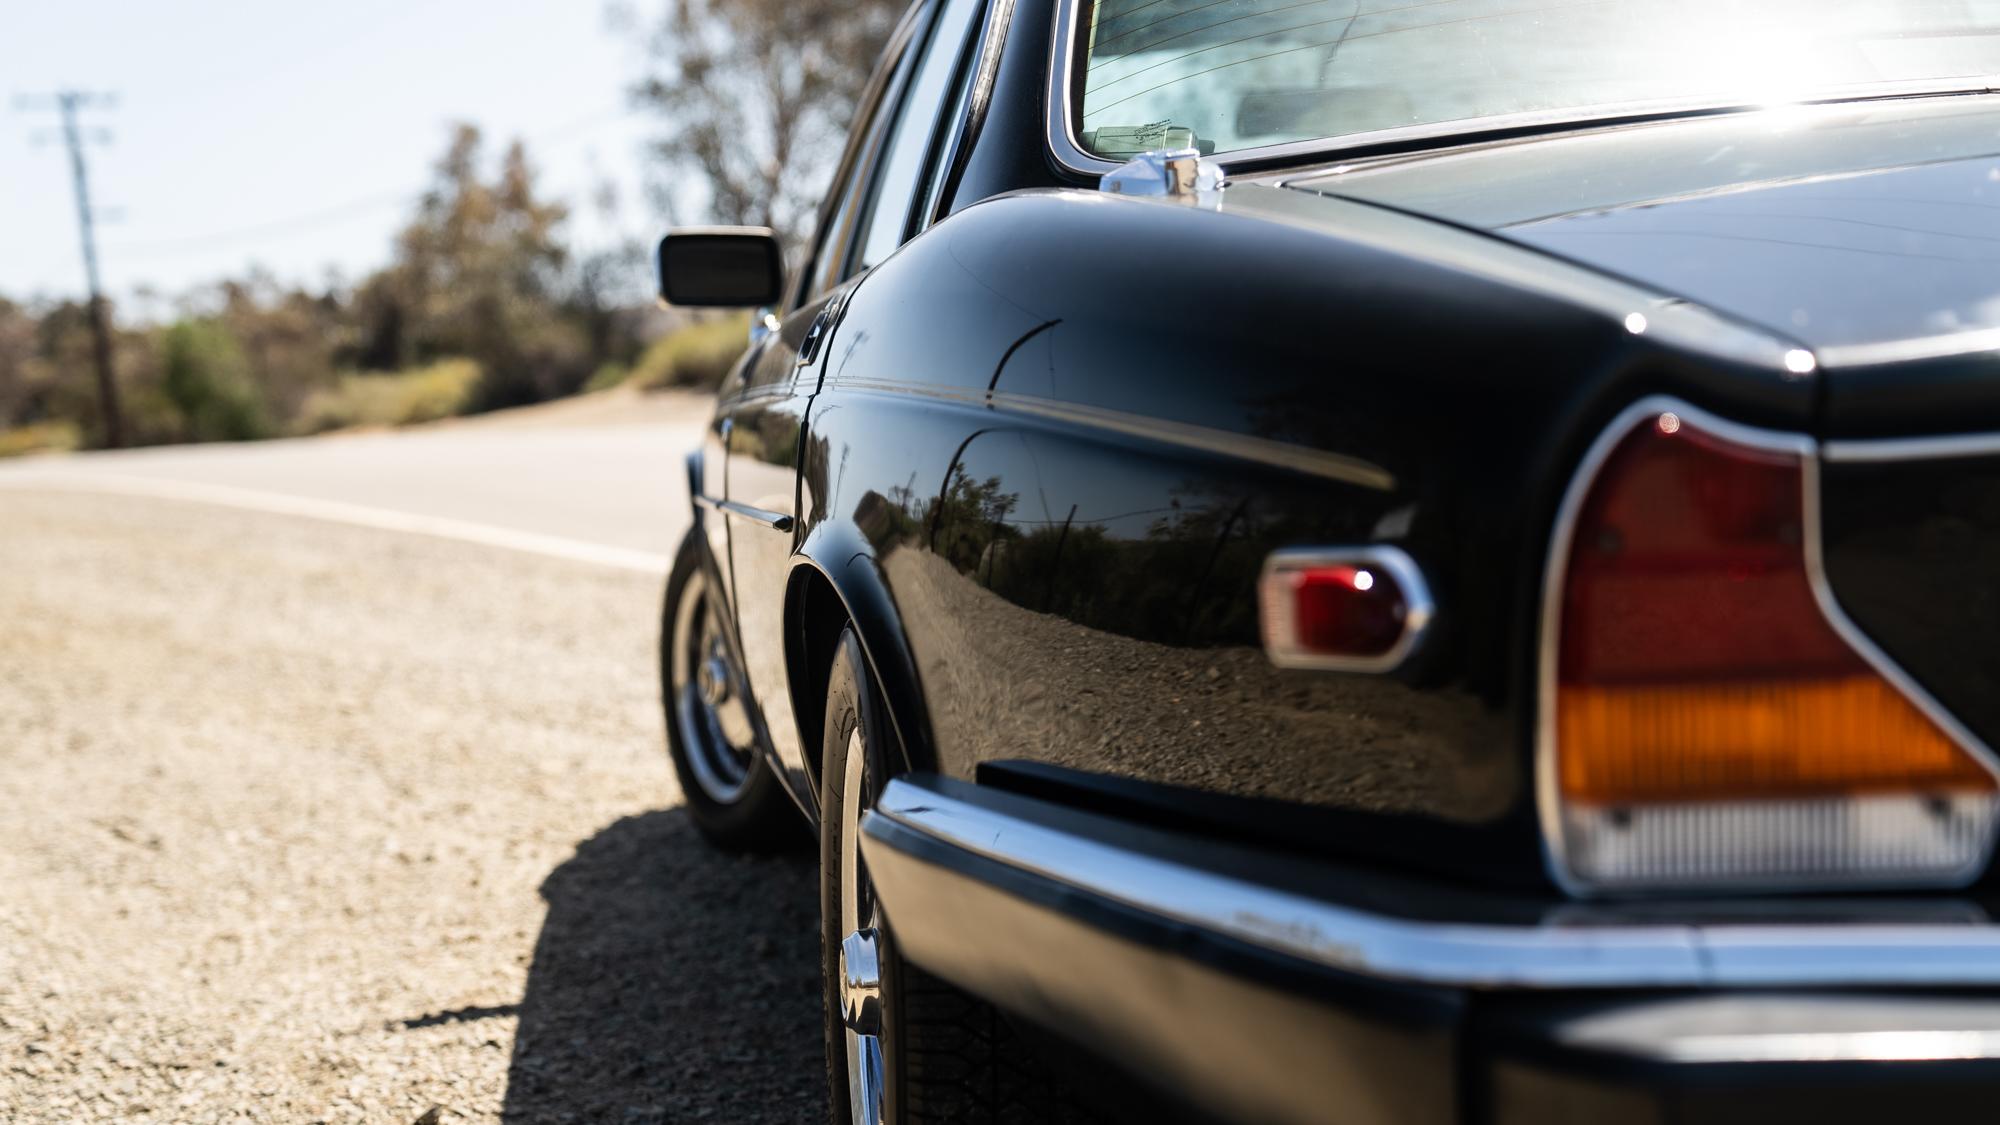 1986 Jaguar XJ6 rear